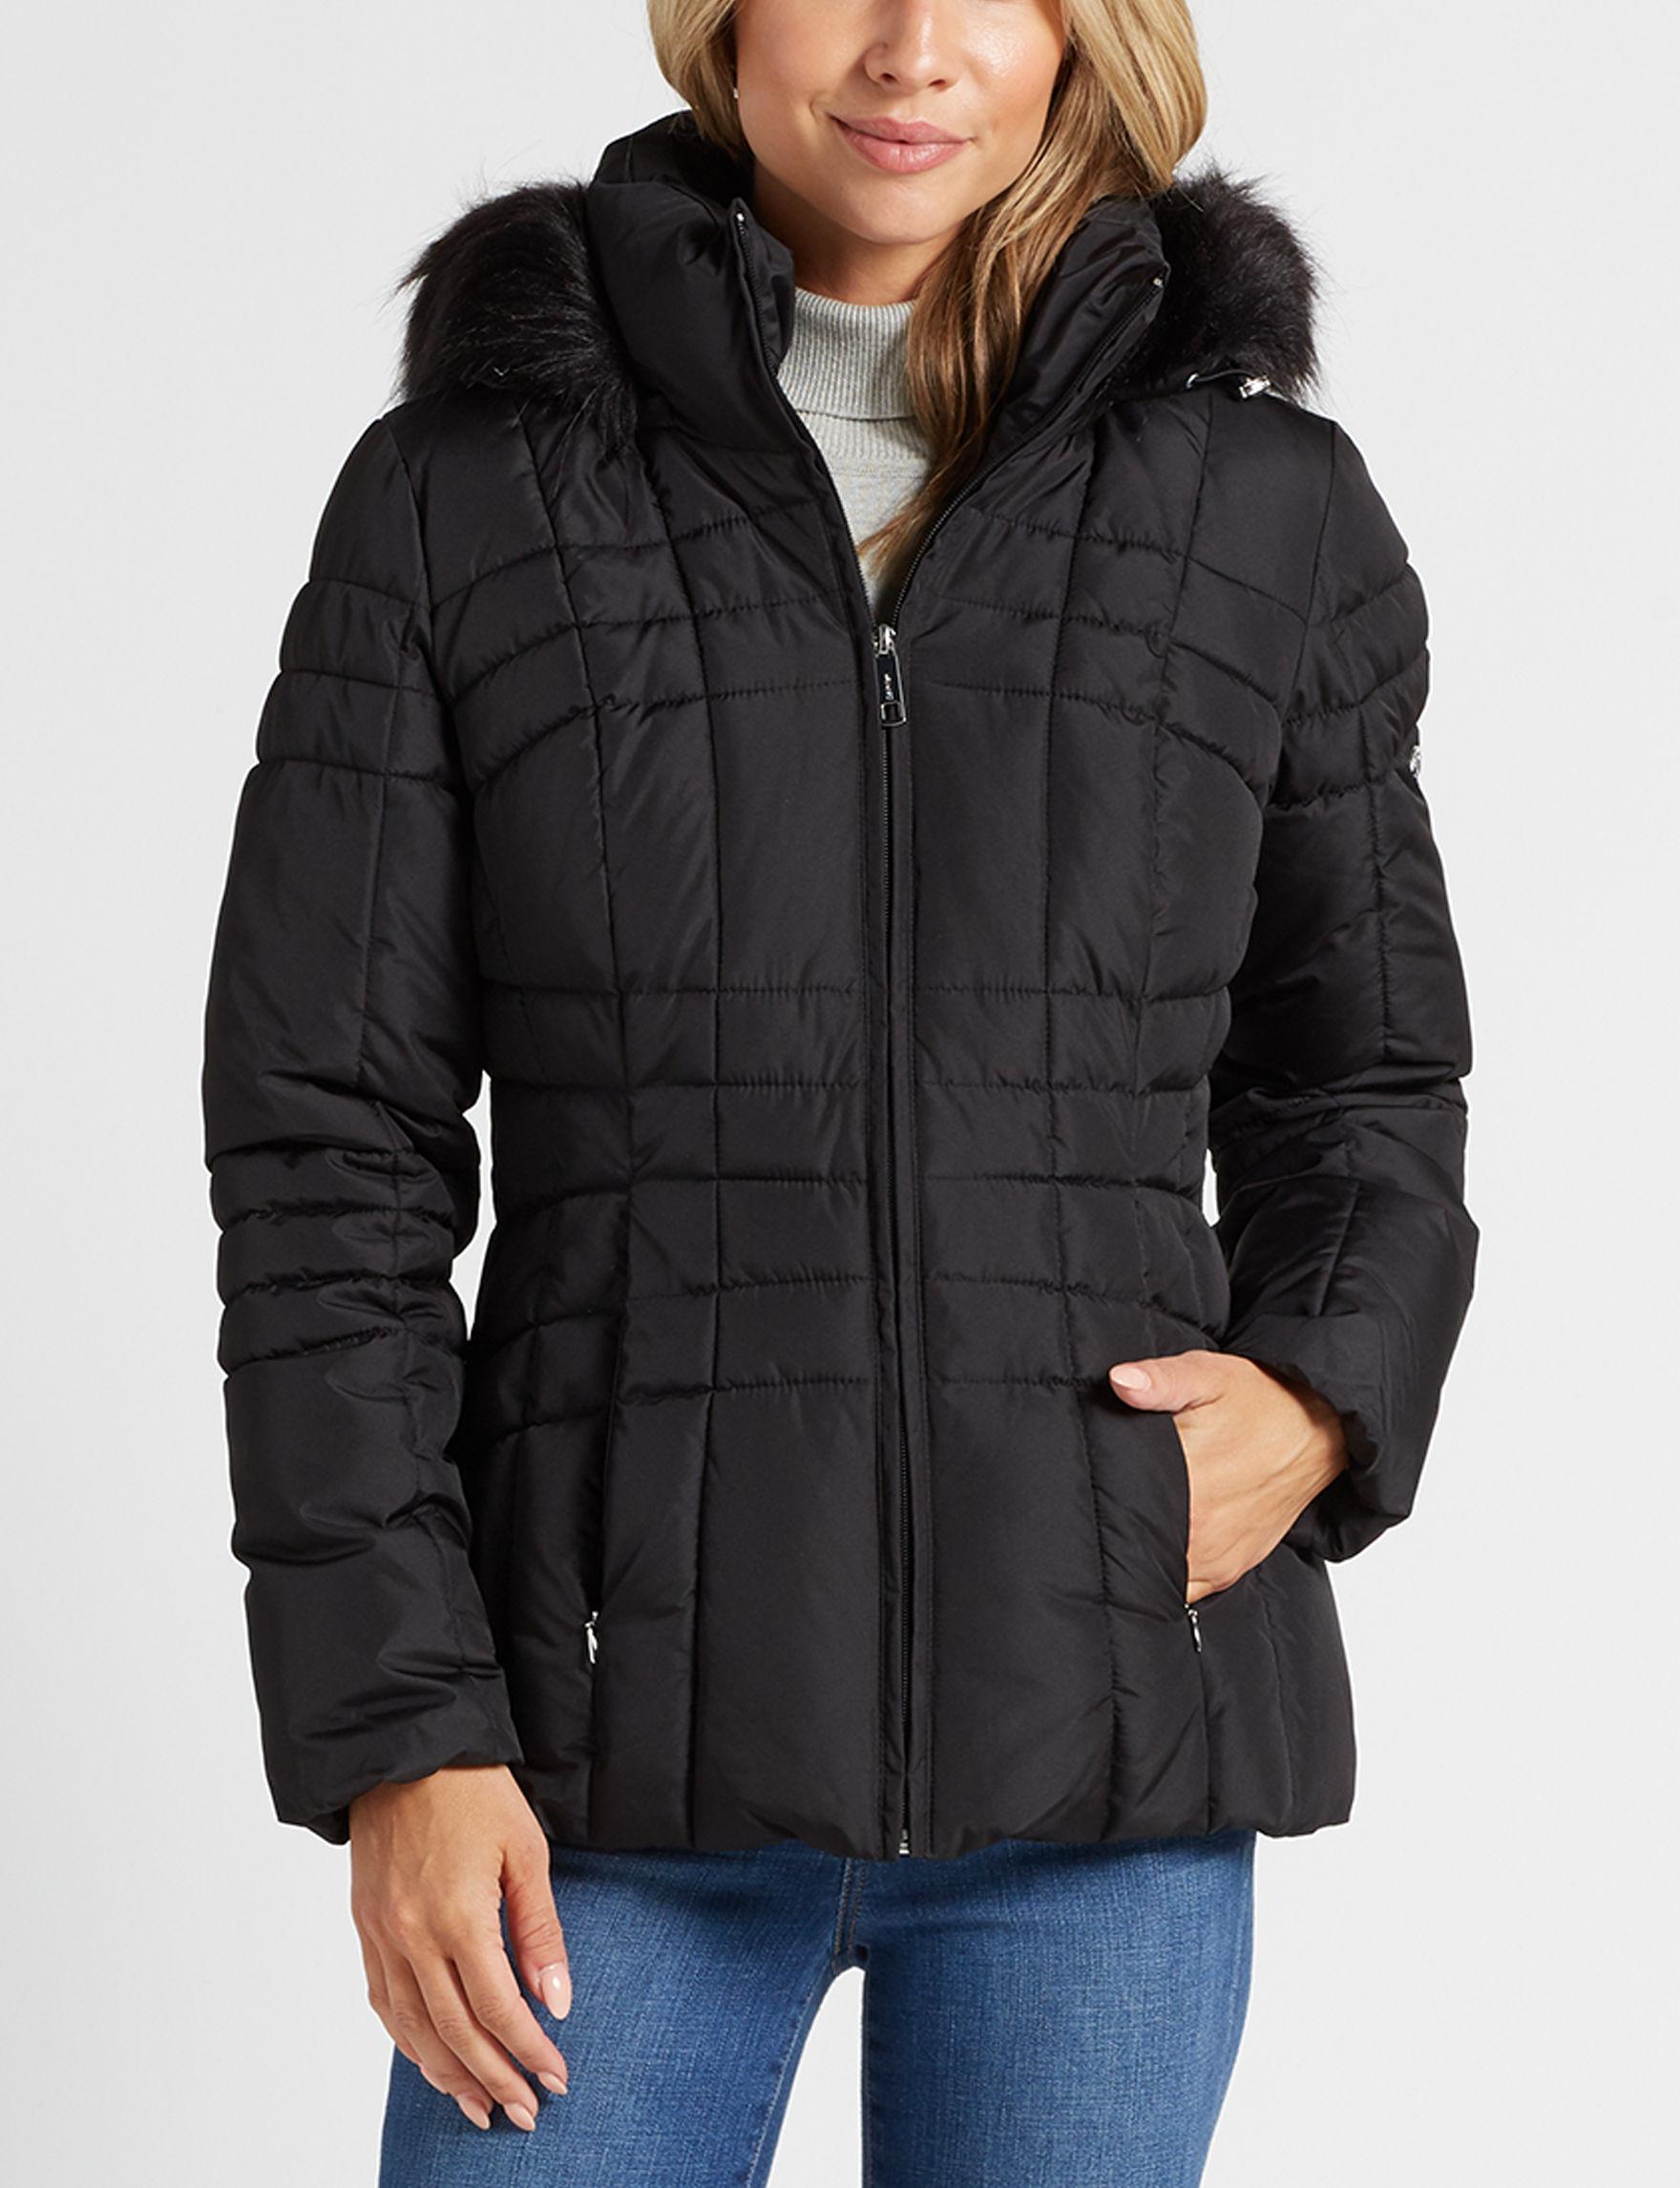 Calvin Klein Black Lightweight Jackets & Blazers Puffer & Quilted Jackets